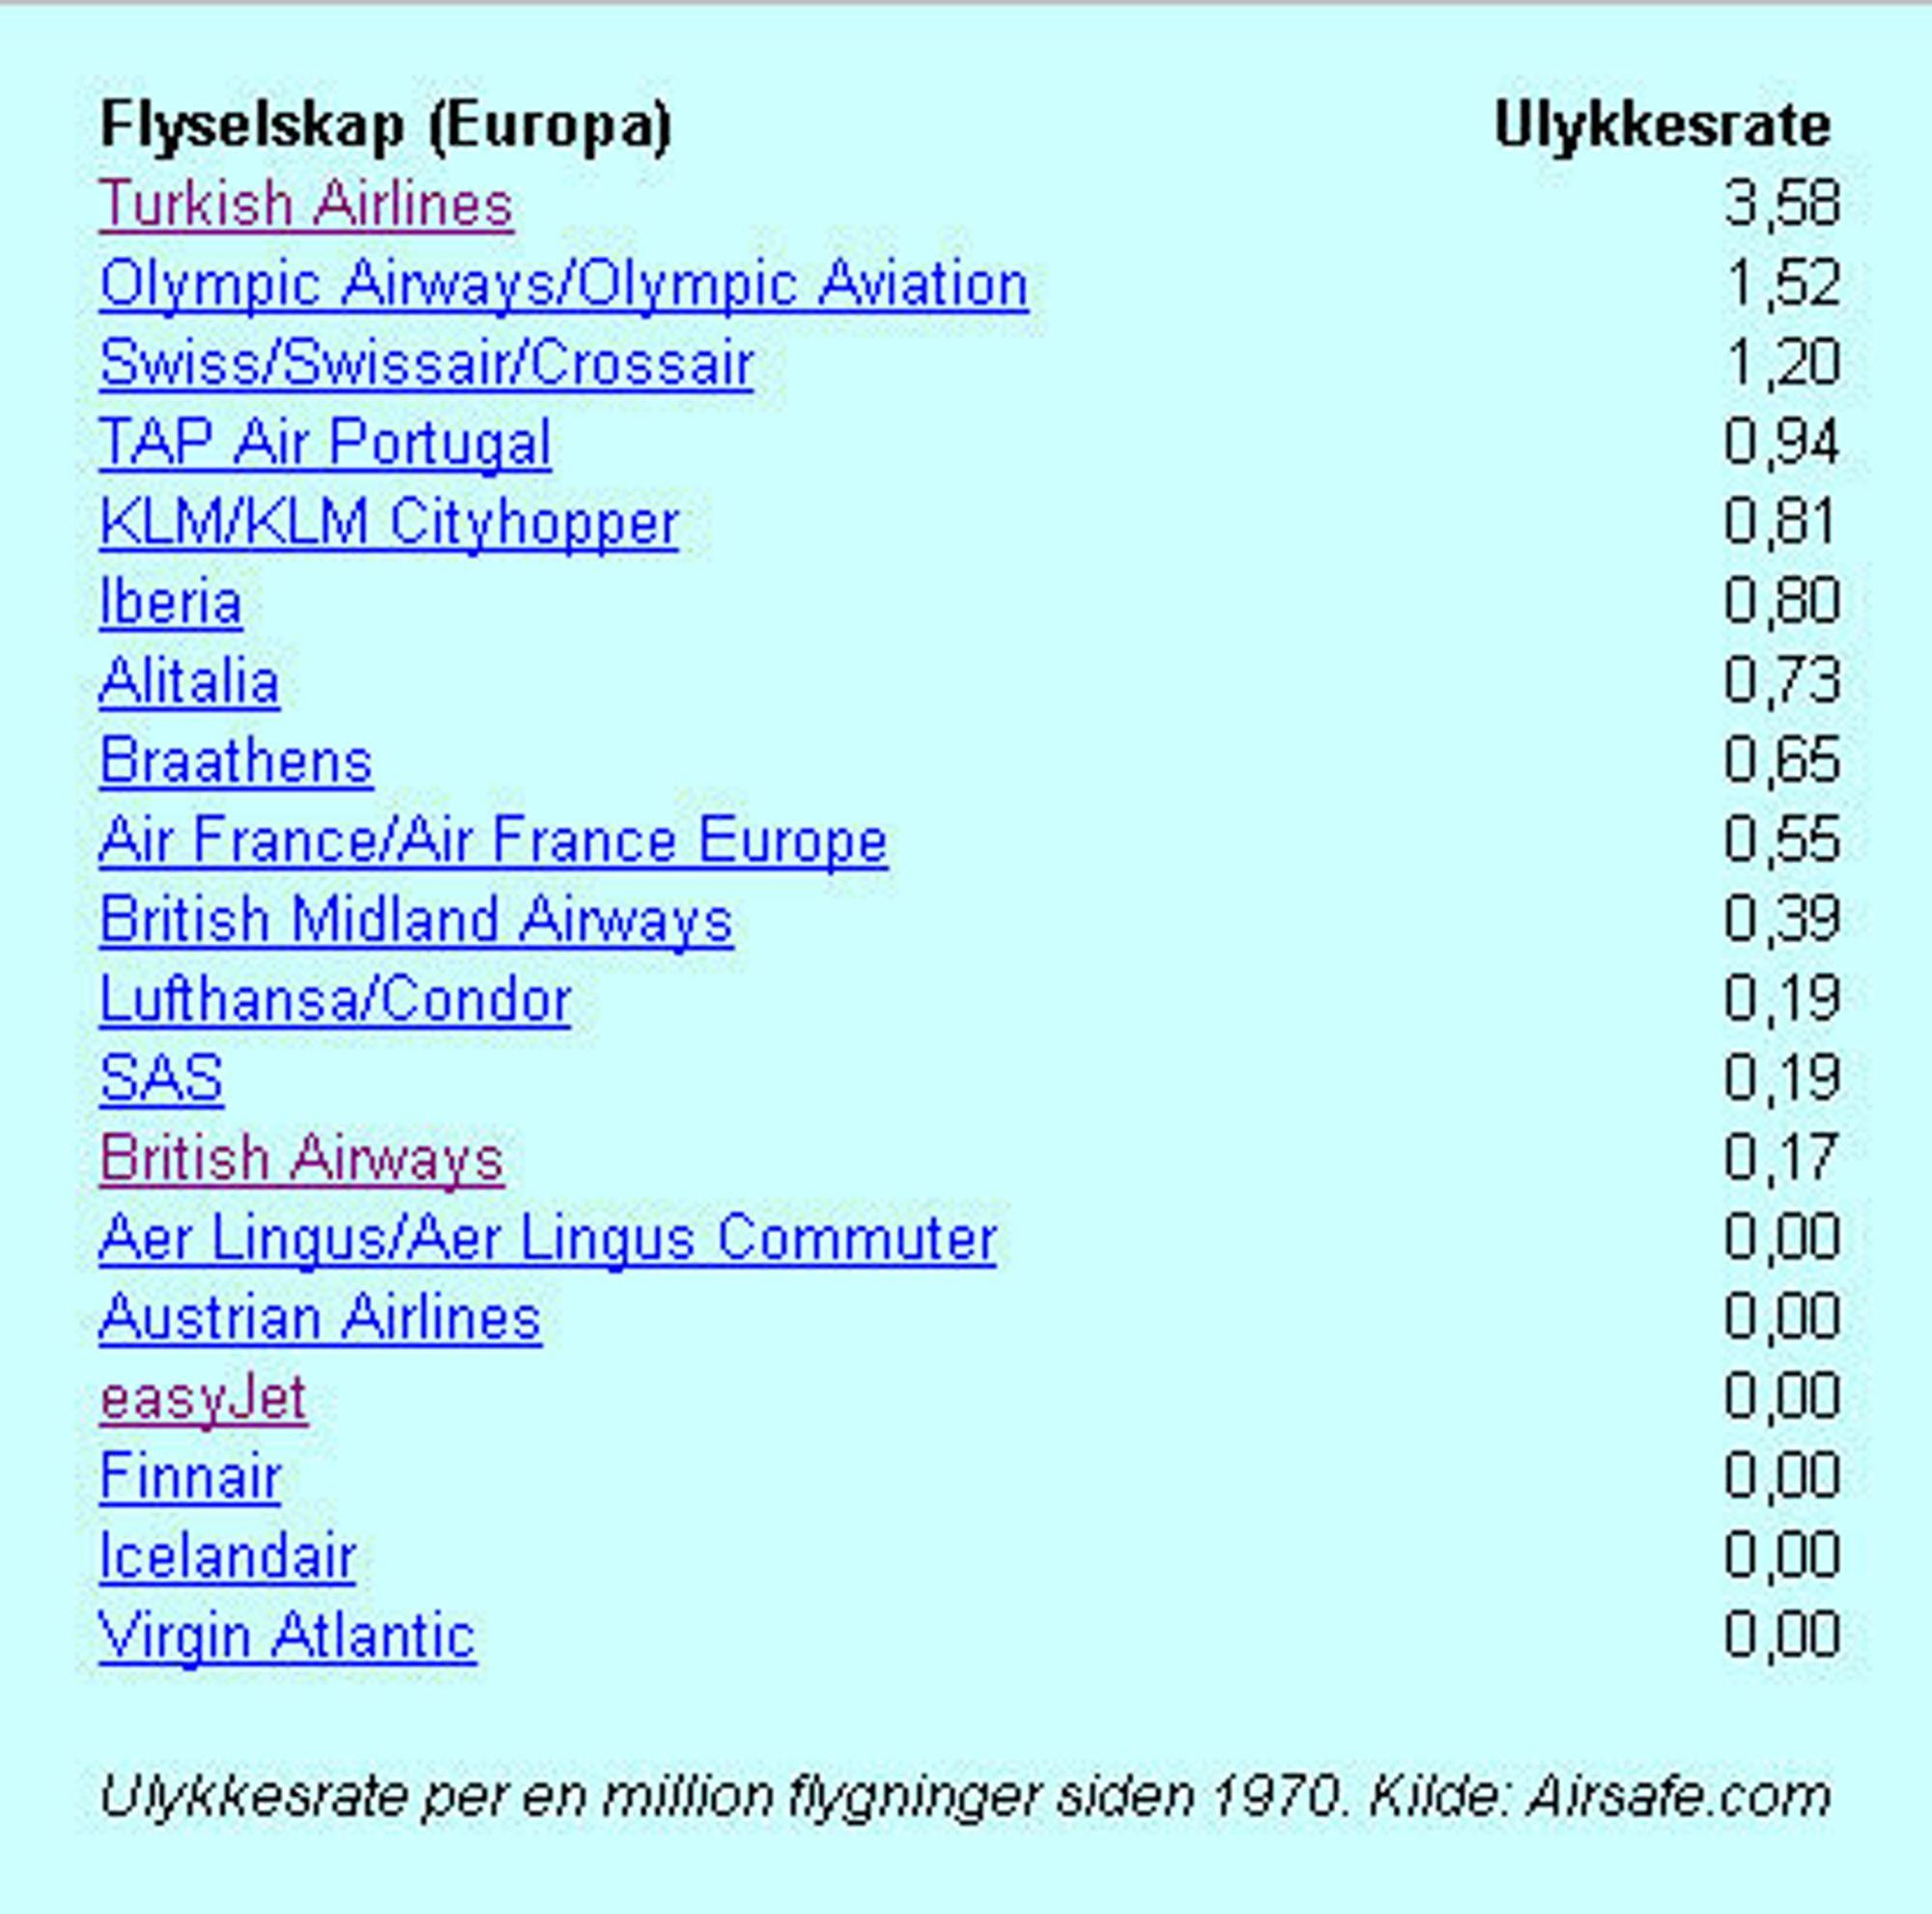 Flyselskaper i Europa